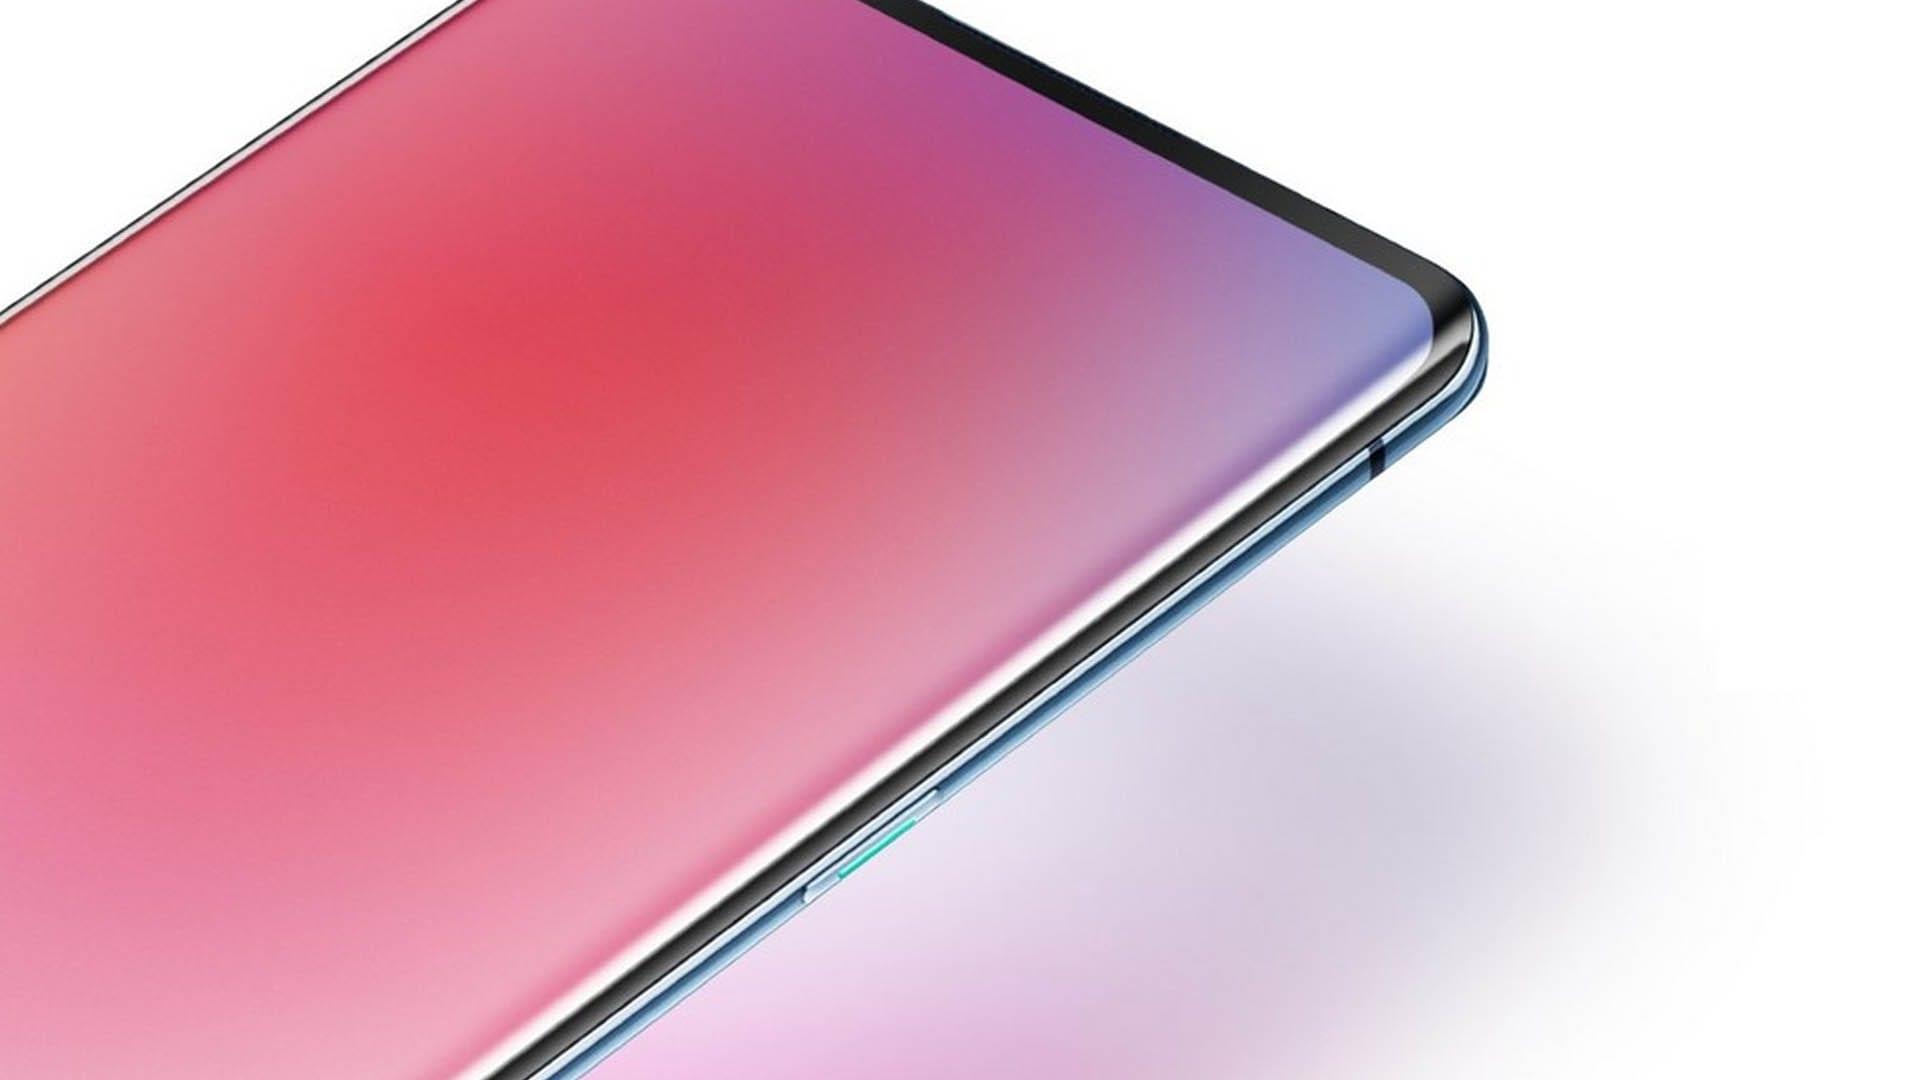 شركة Oppo تقدم لمحه عن هاتفها القادم Reno 3 Pro 5G